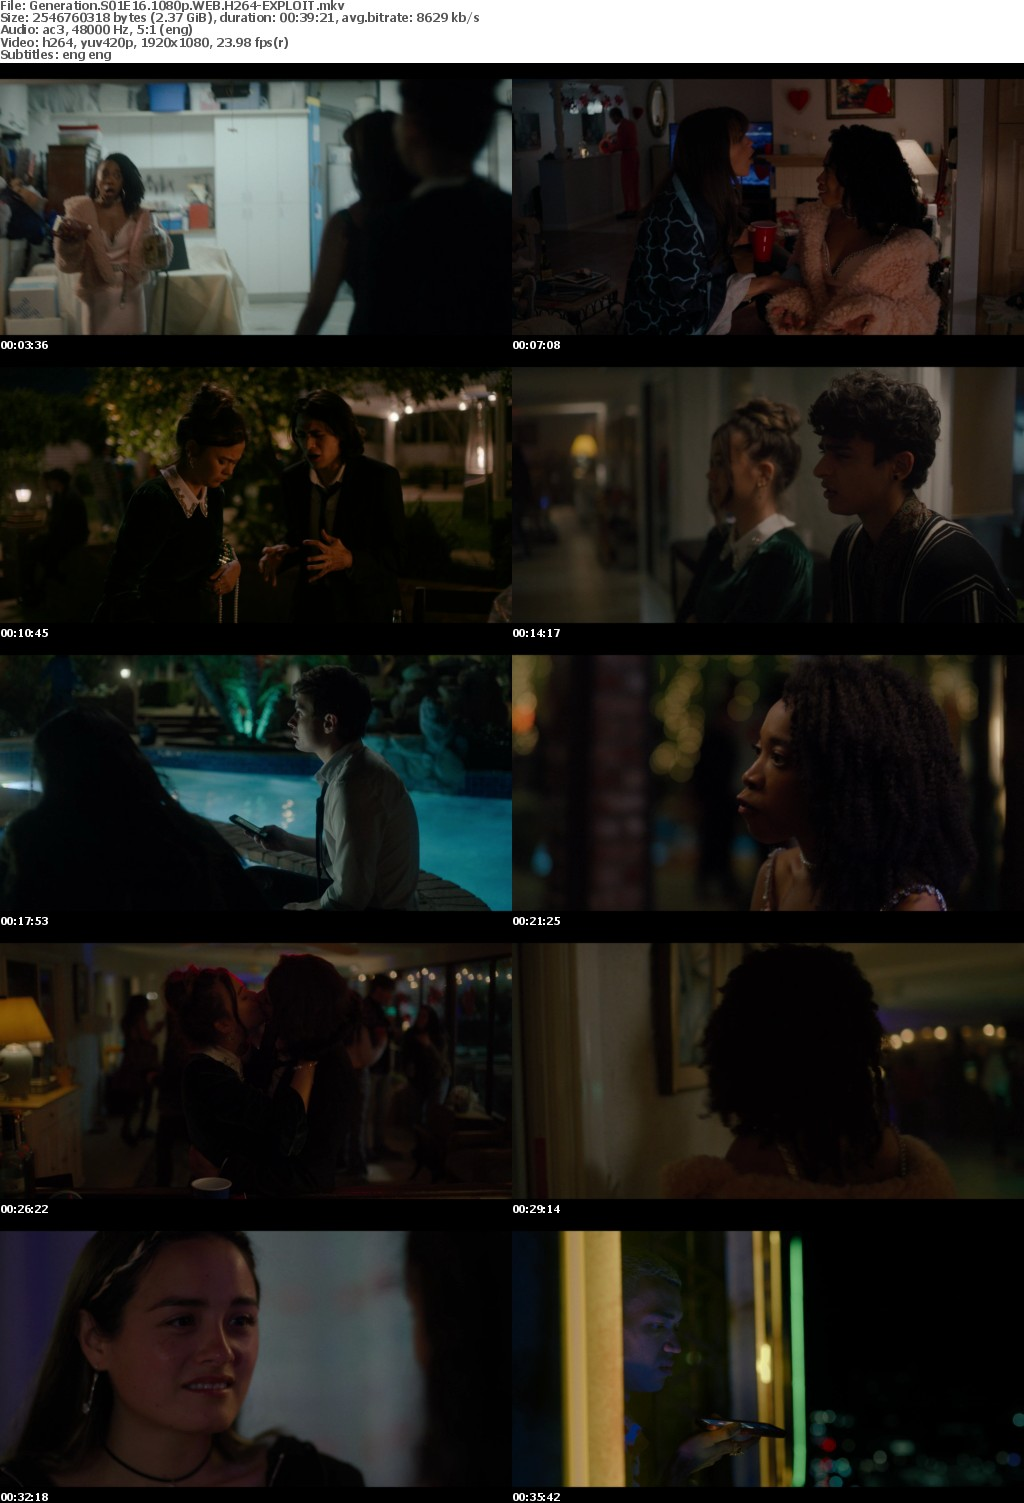 Generation S01E16 1080p WEB H264-EXPLOIT